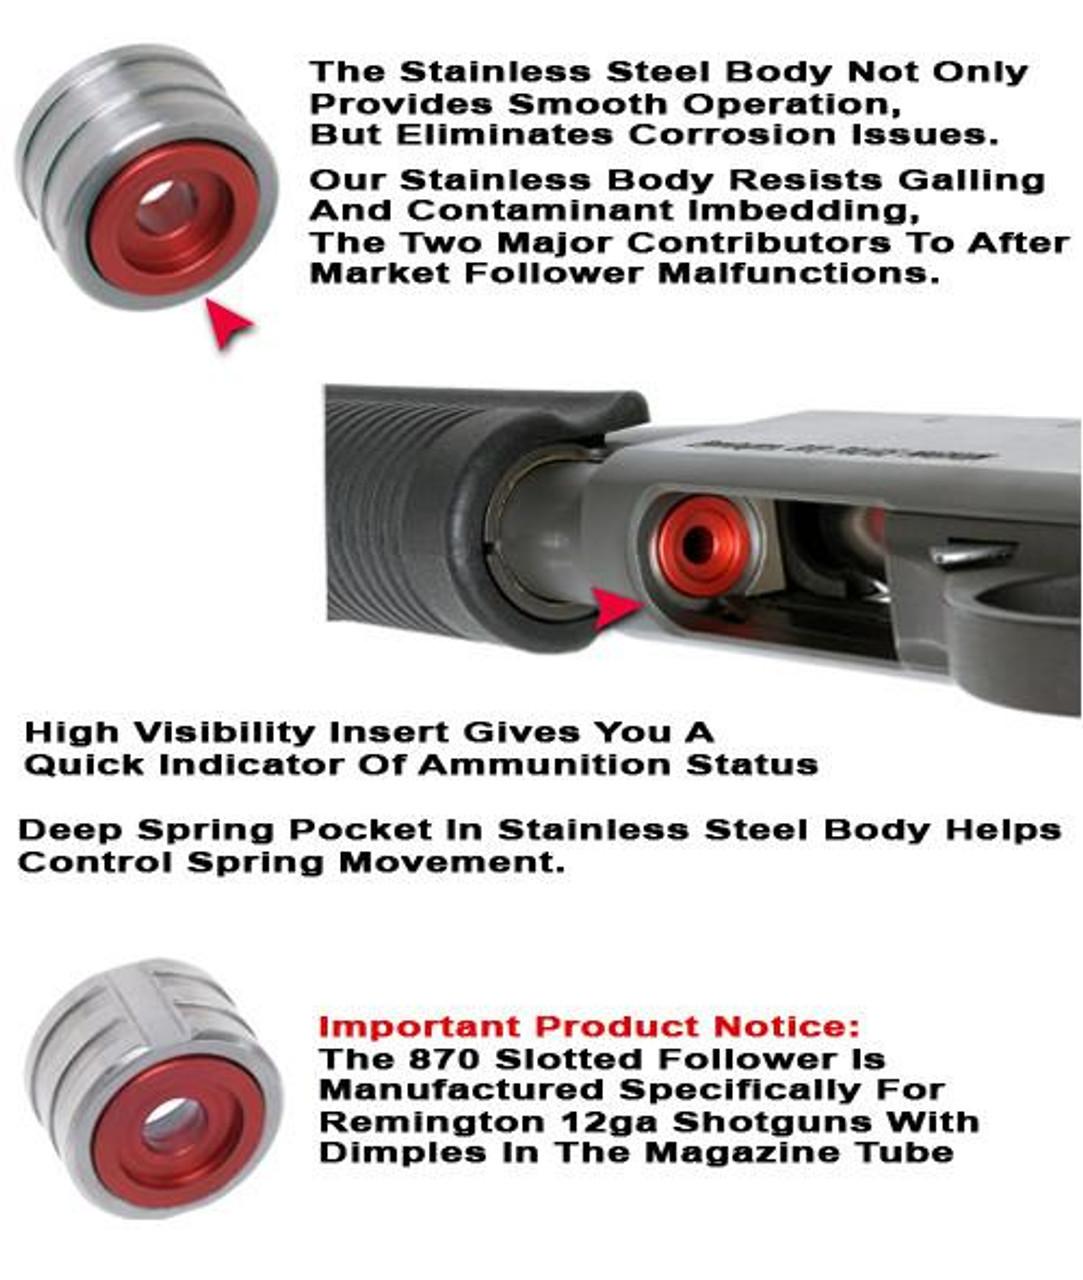 GG&G Remington 870 Follower - Standard